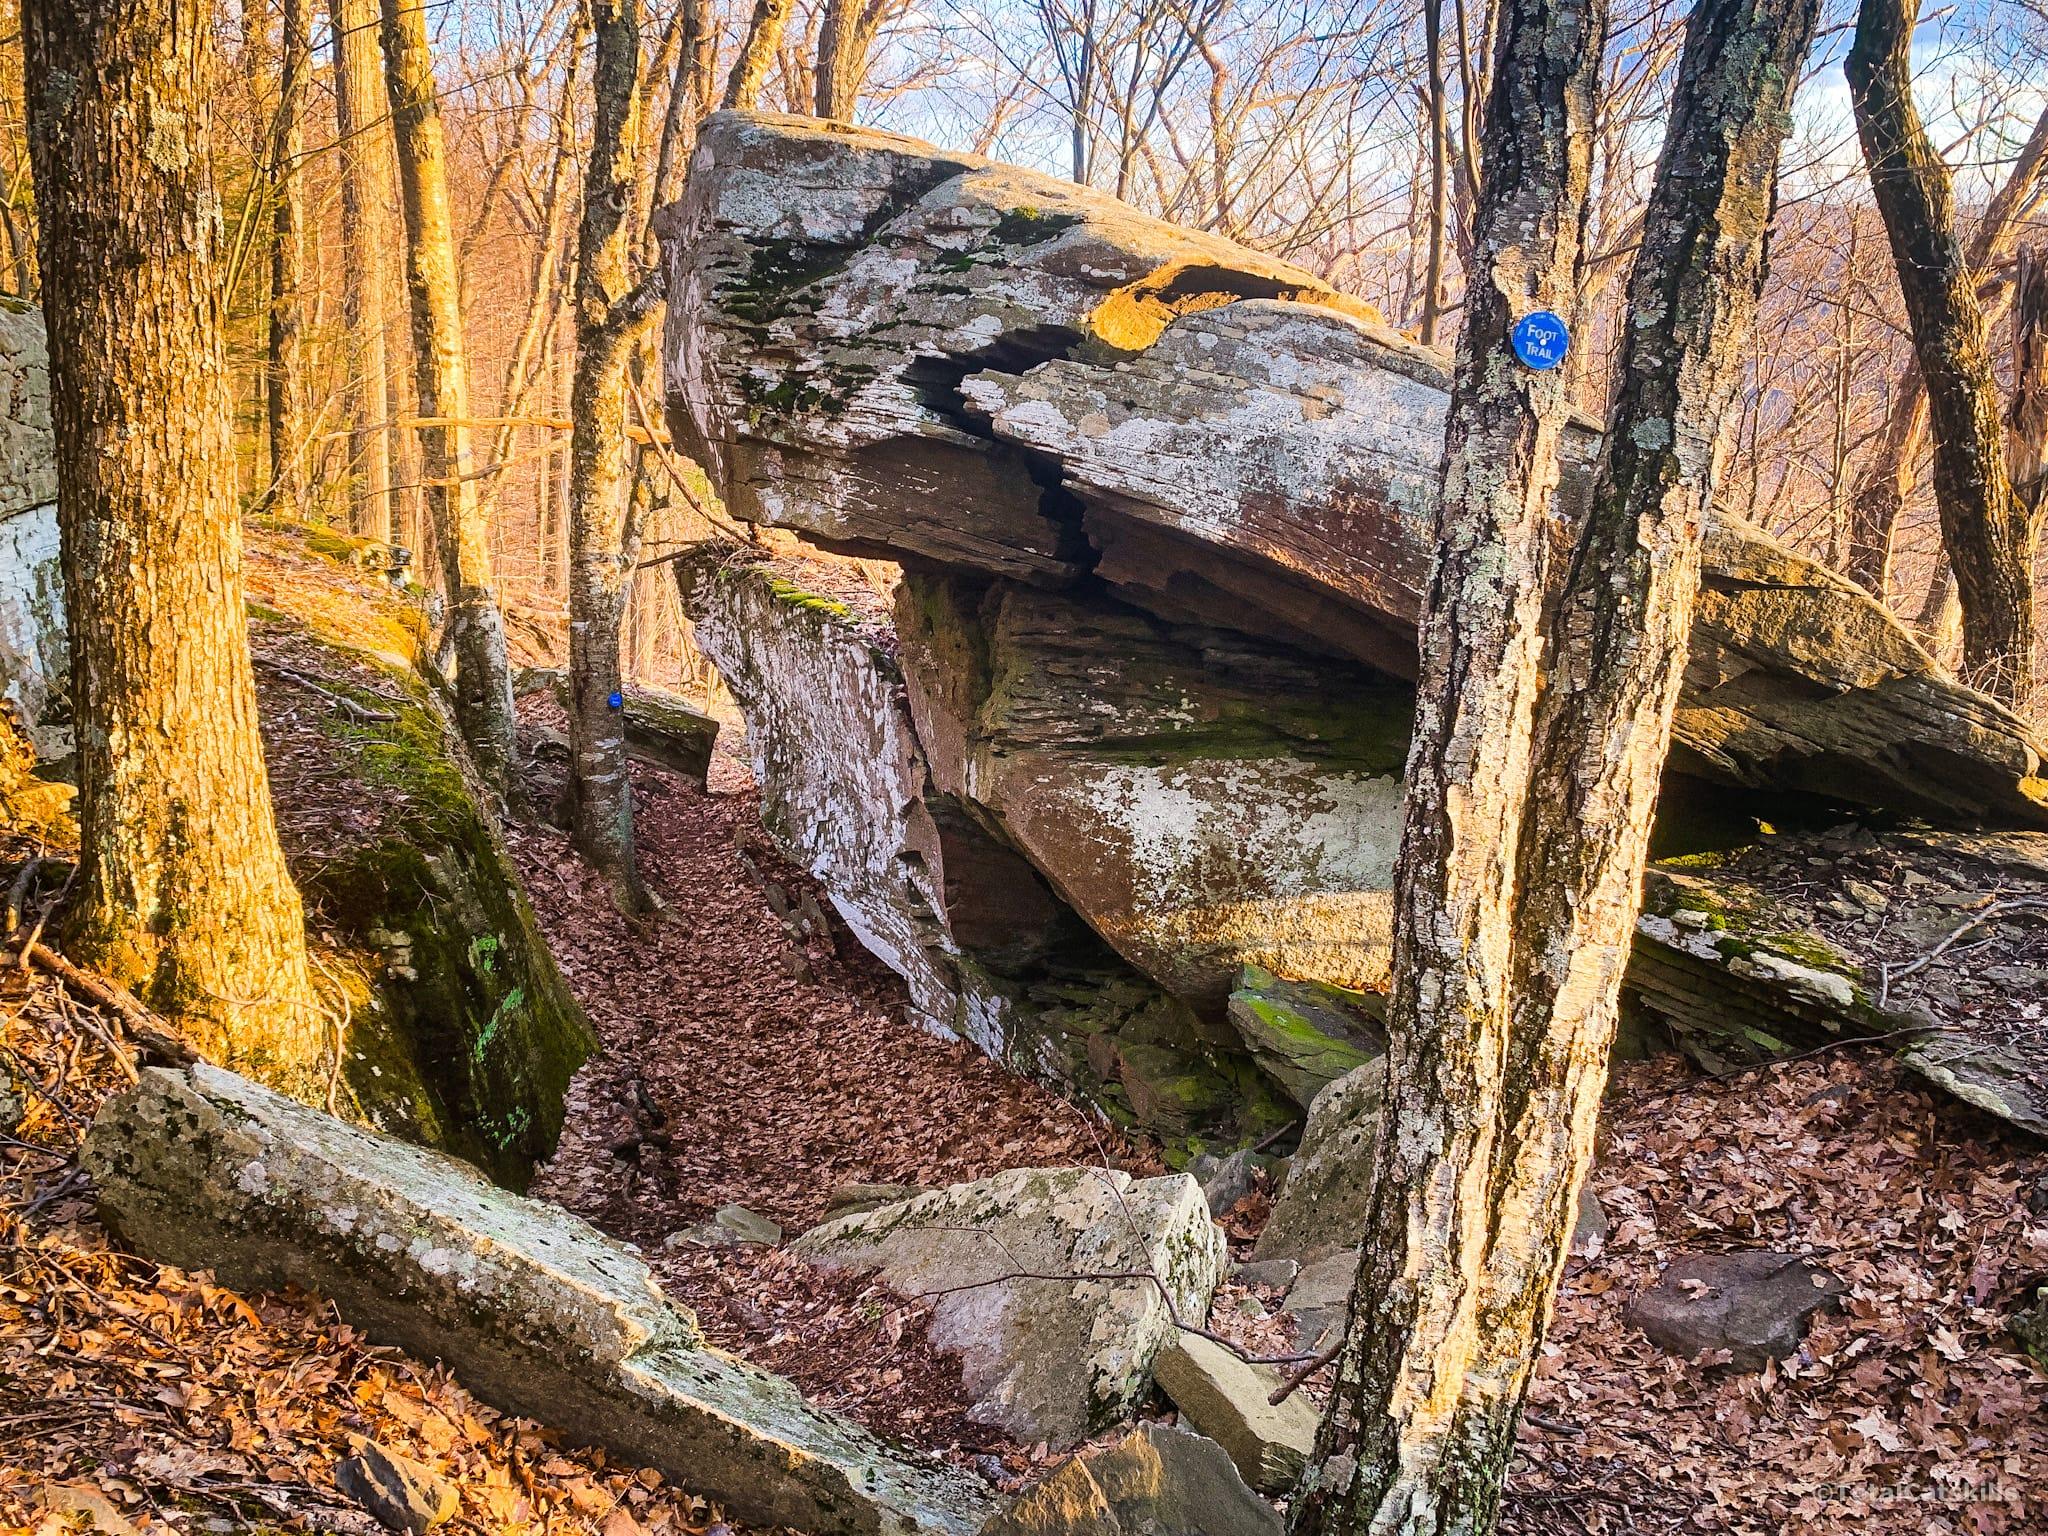 rocky channel in woods